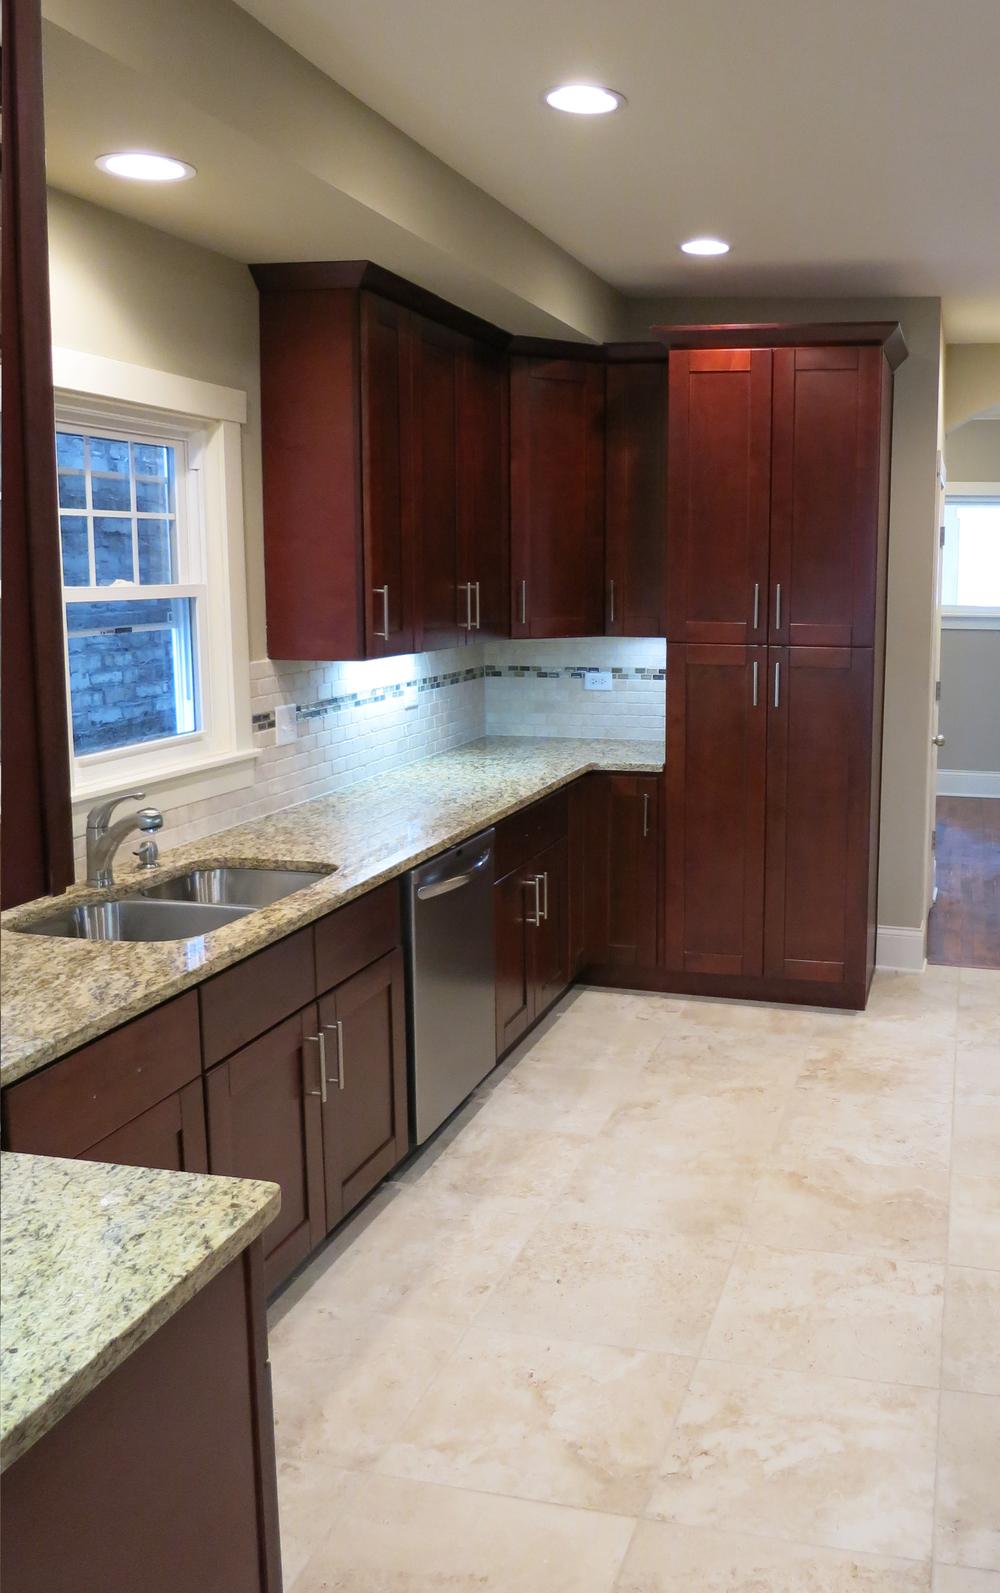 kitchen1 after.jpg